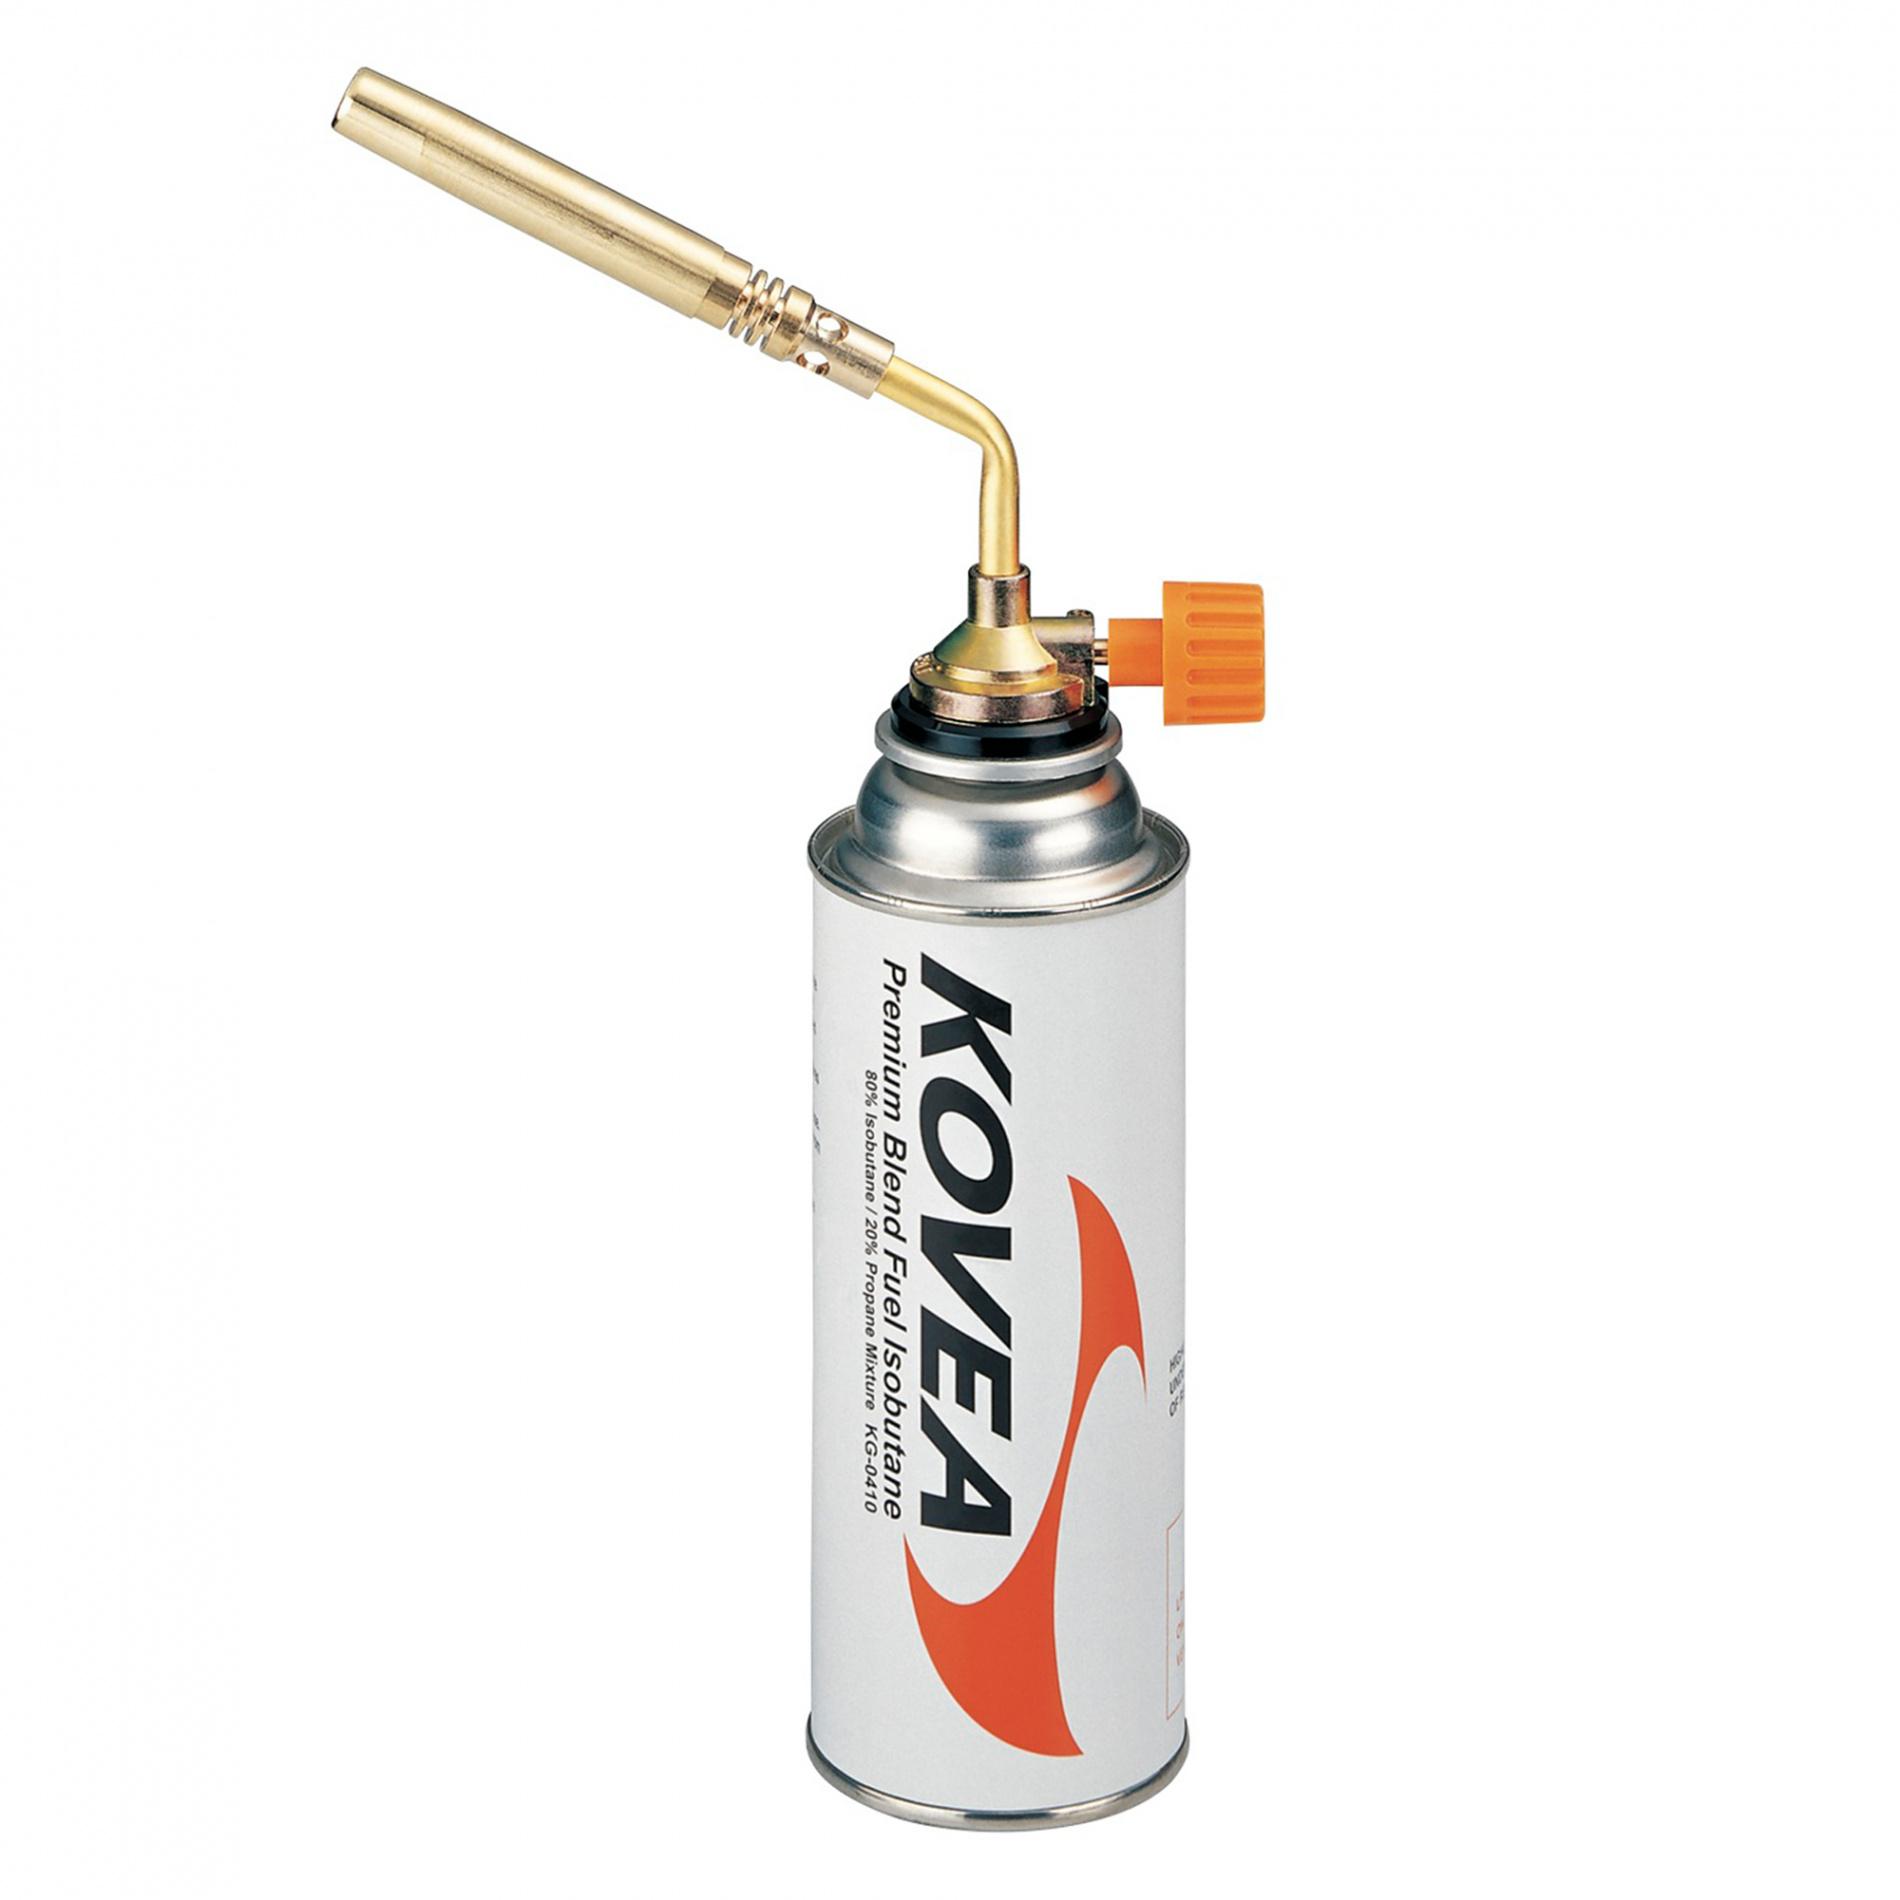 Подробнее о Резак газовый Kovea KT-2104 резак газовый kovea brazing torch 1140945